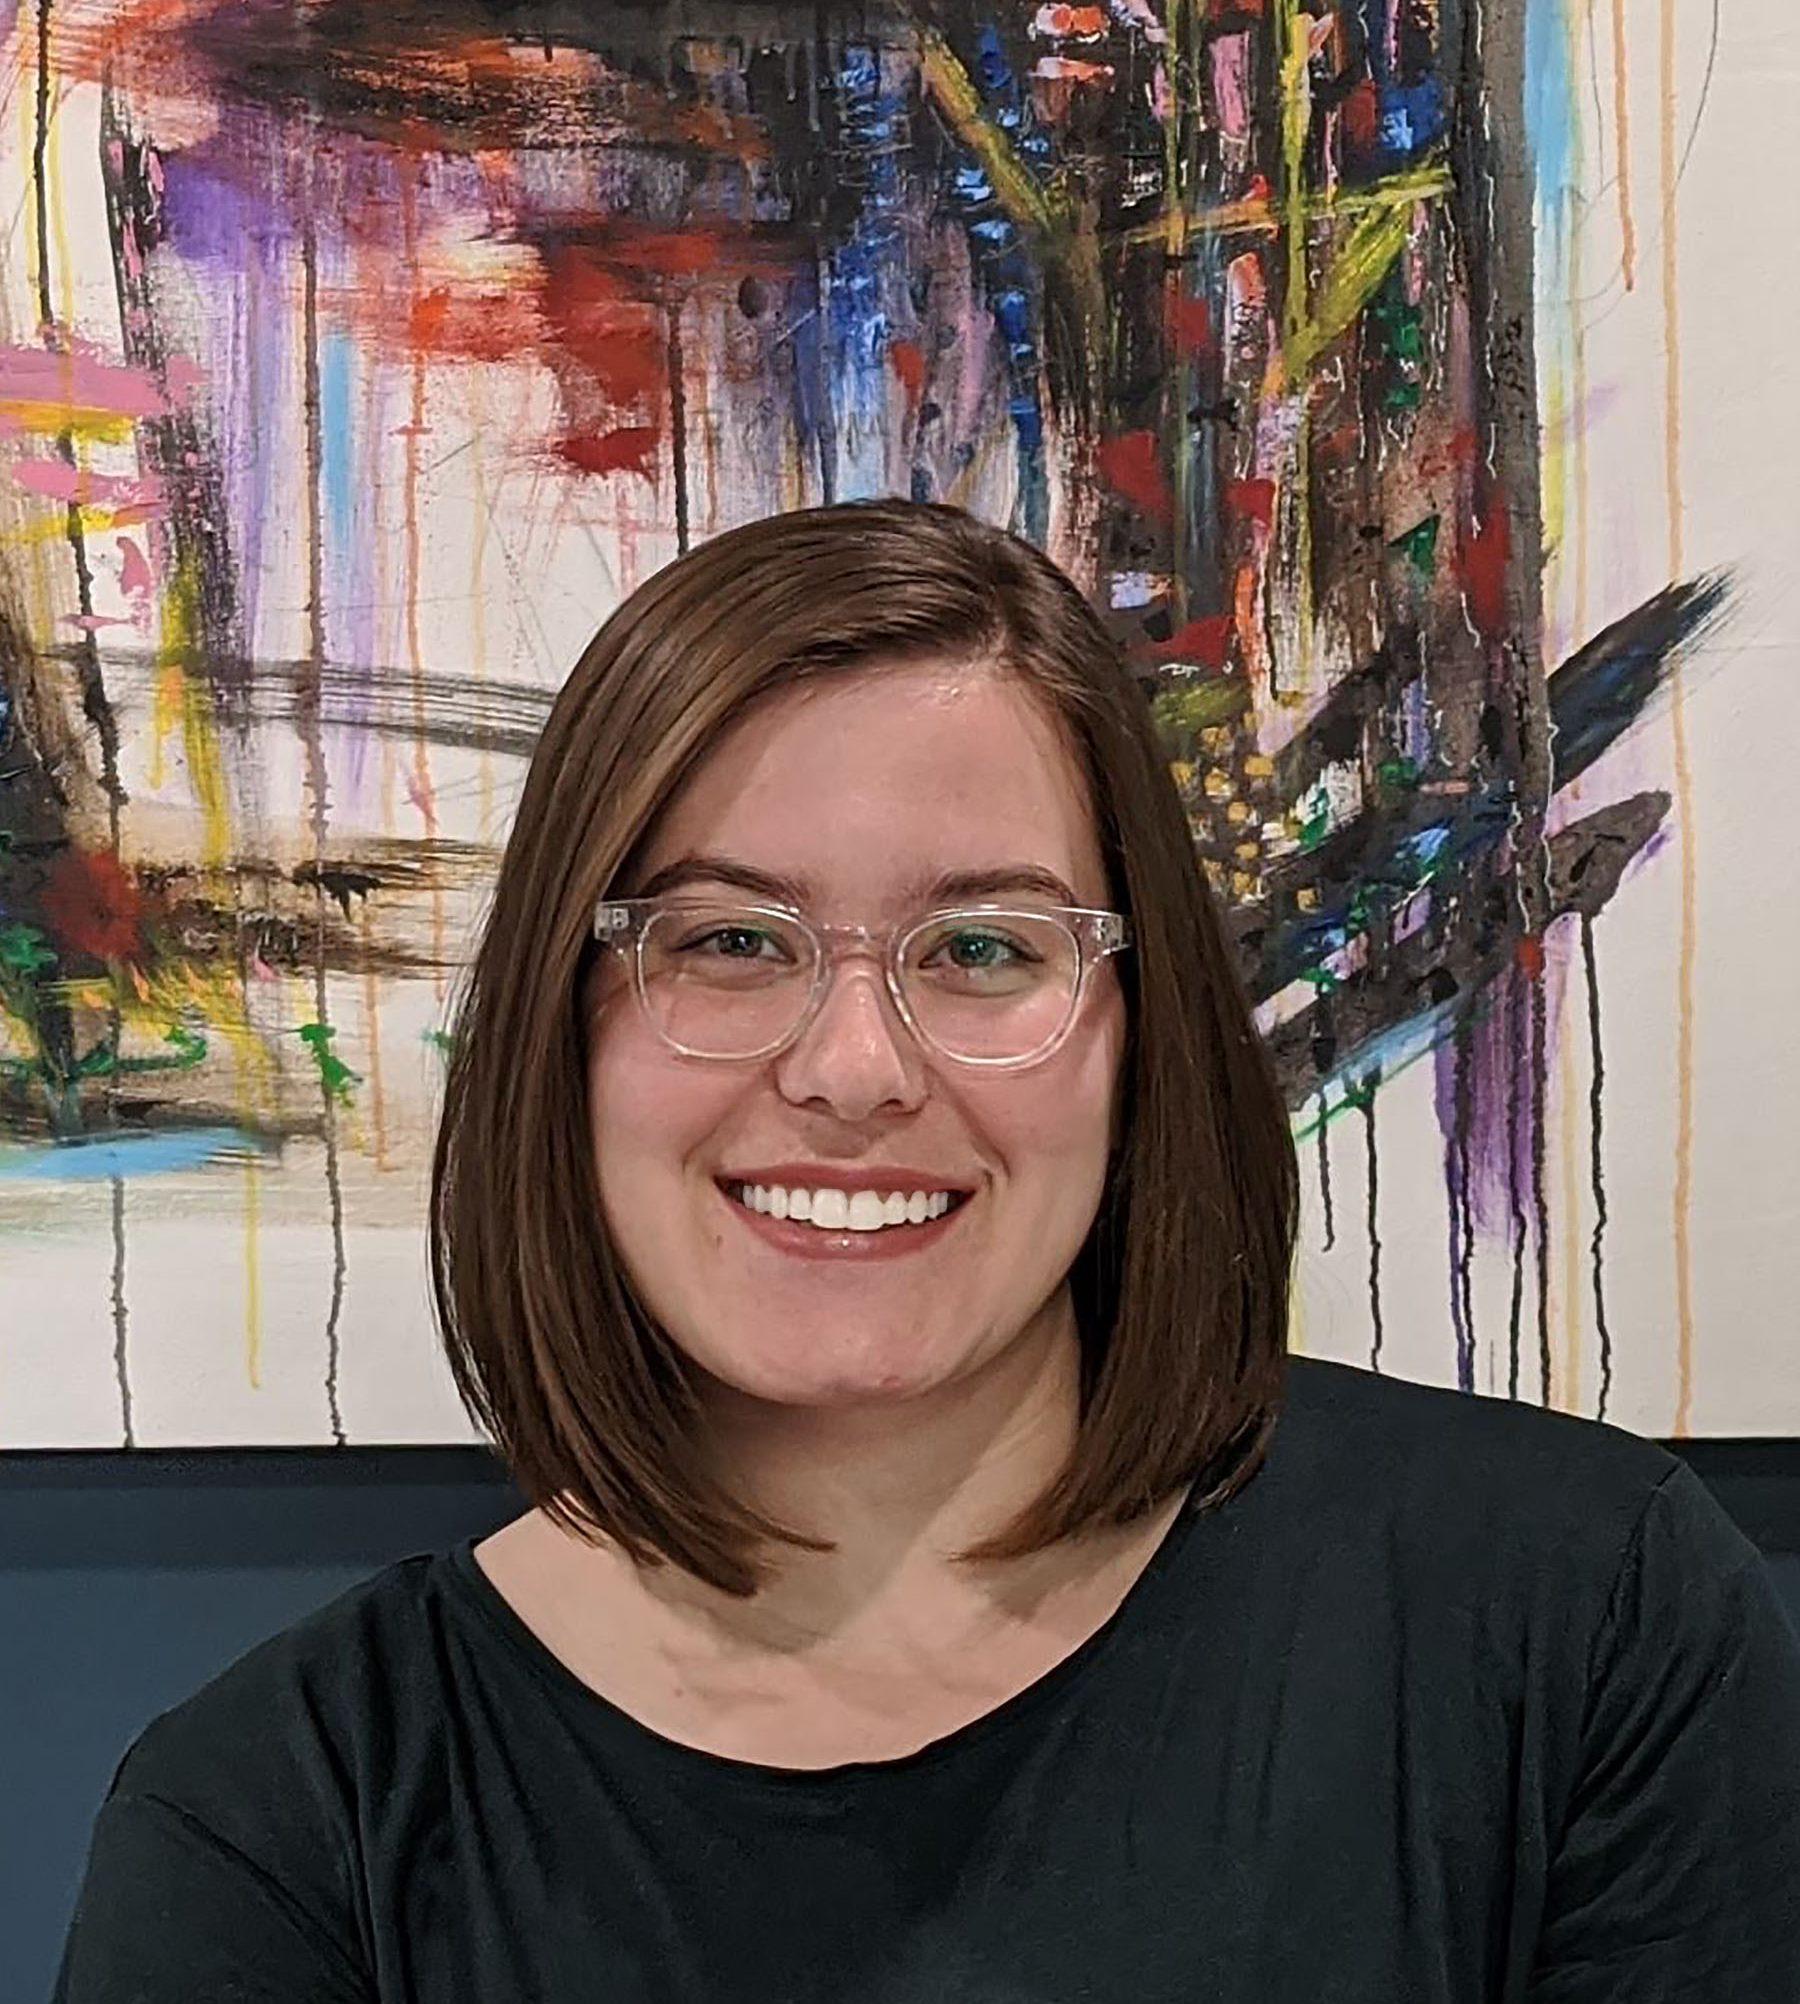 Meg Photoshop